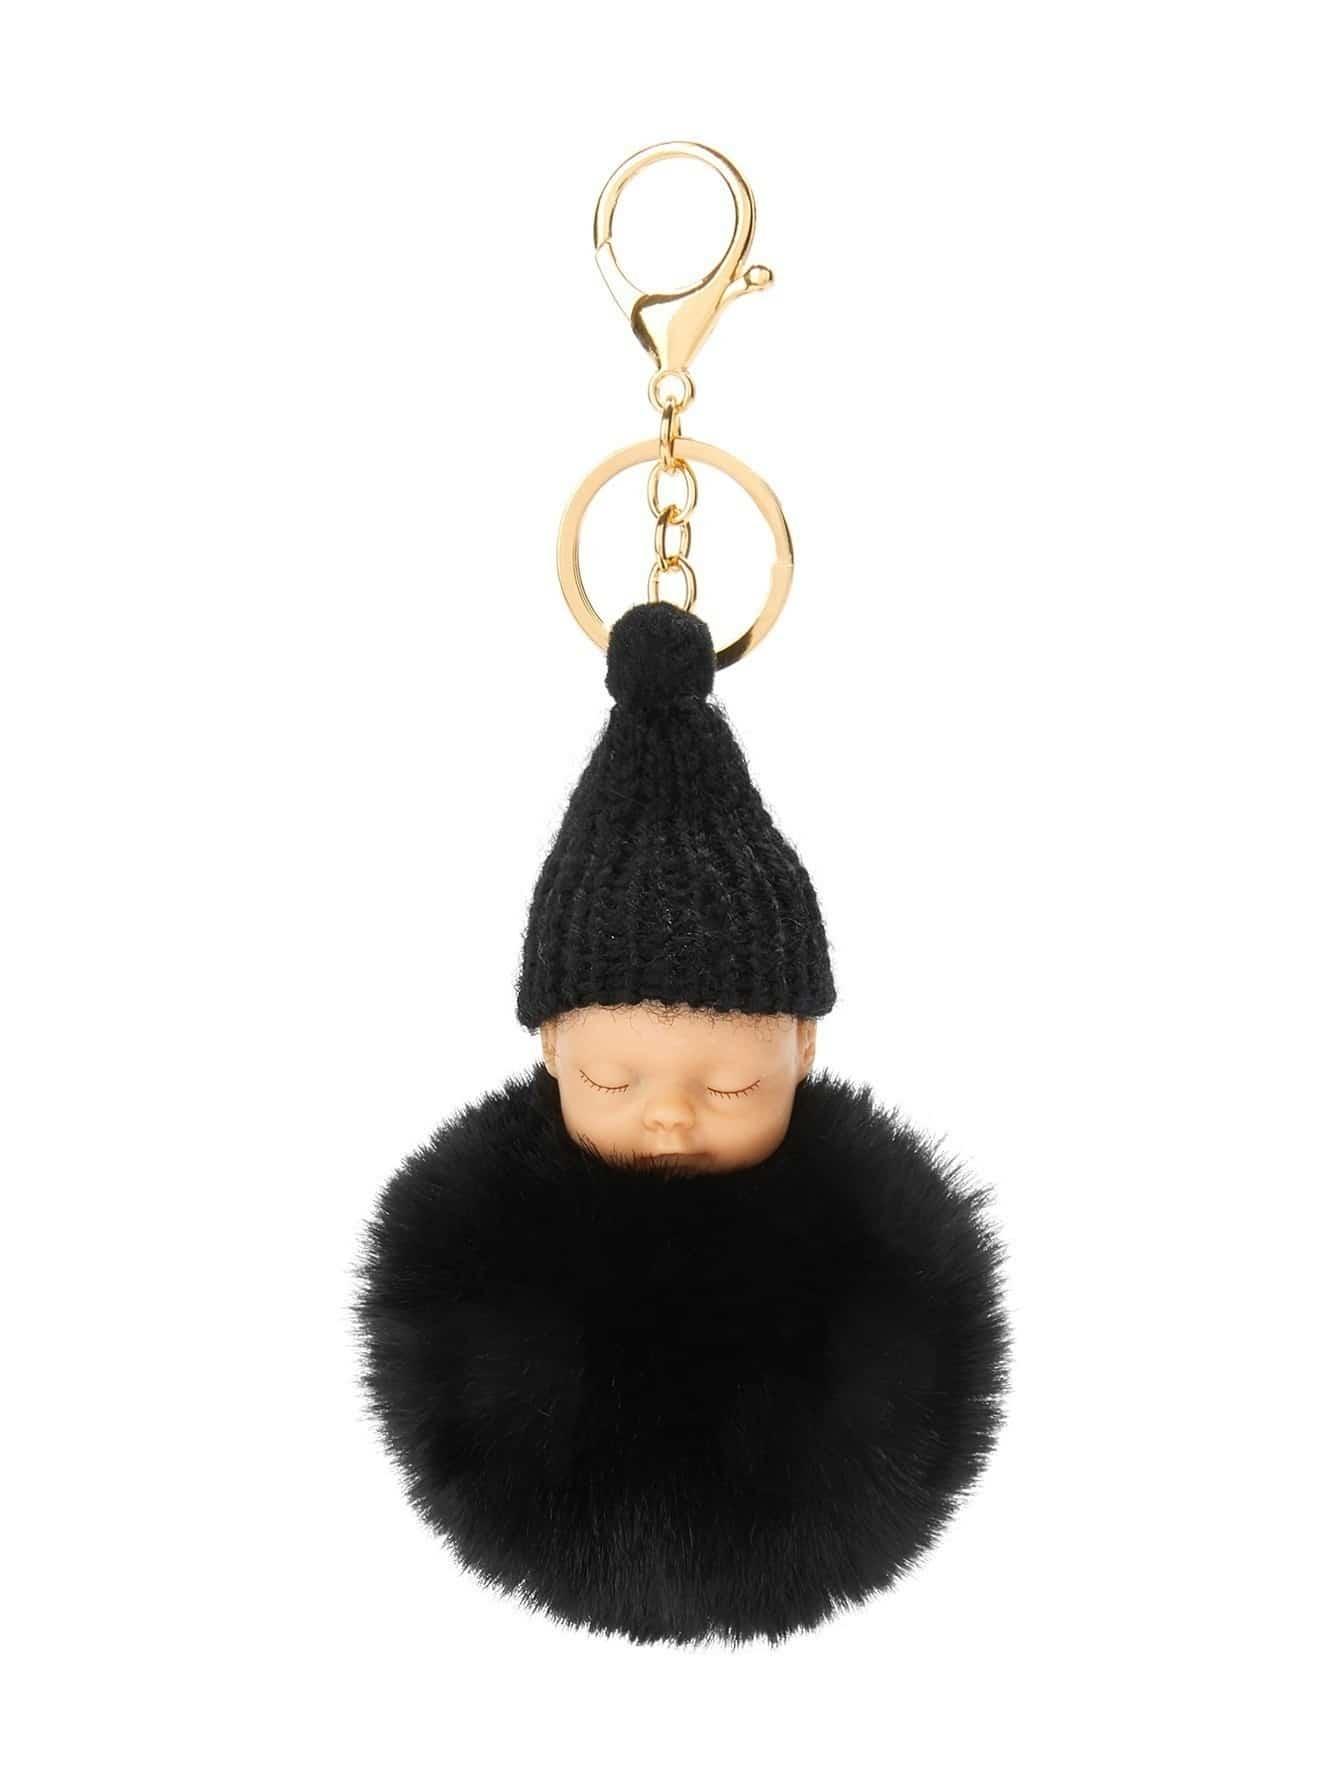 Купить Модный оригинальный брелок в форме ребенка, null, SheIn